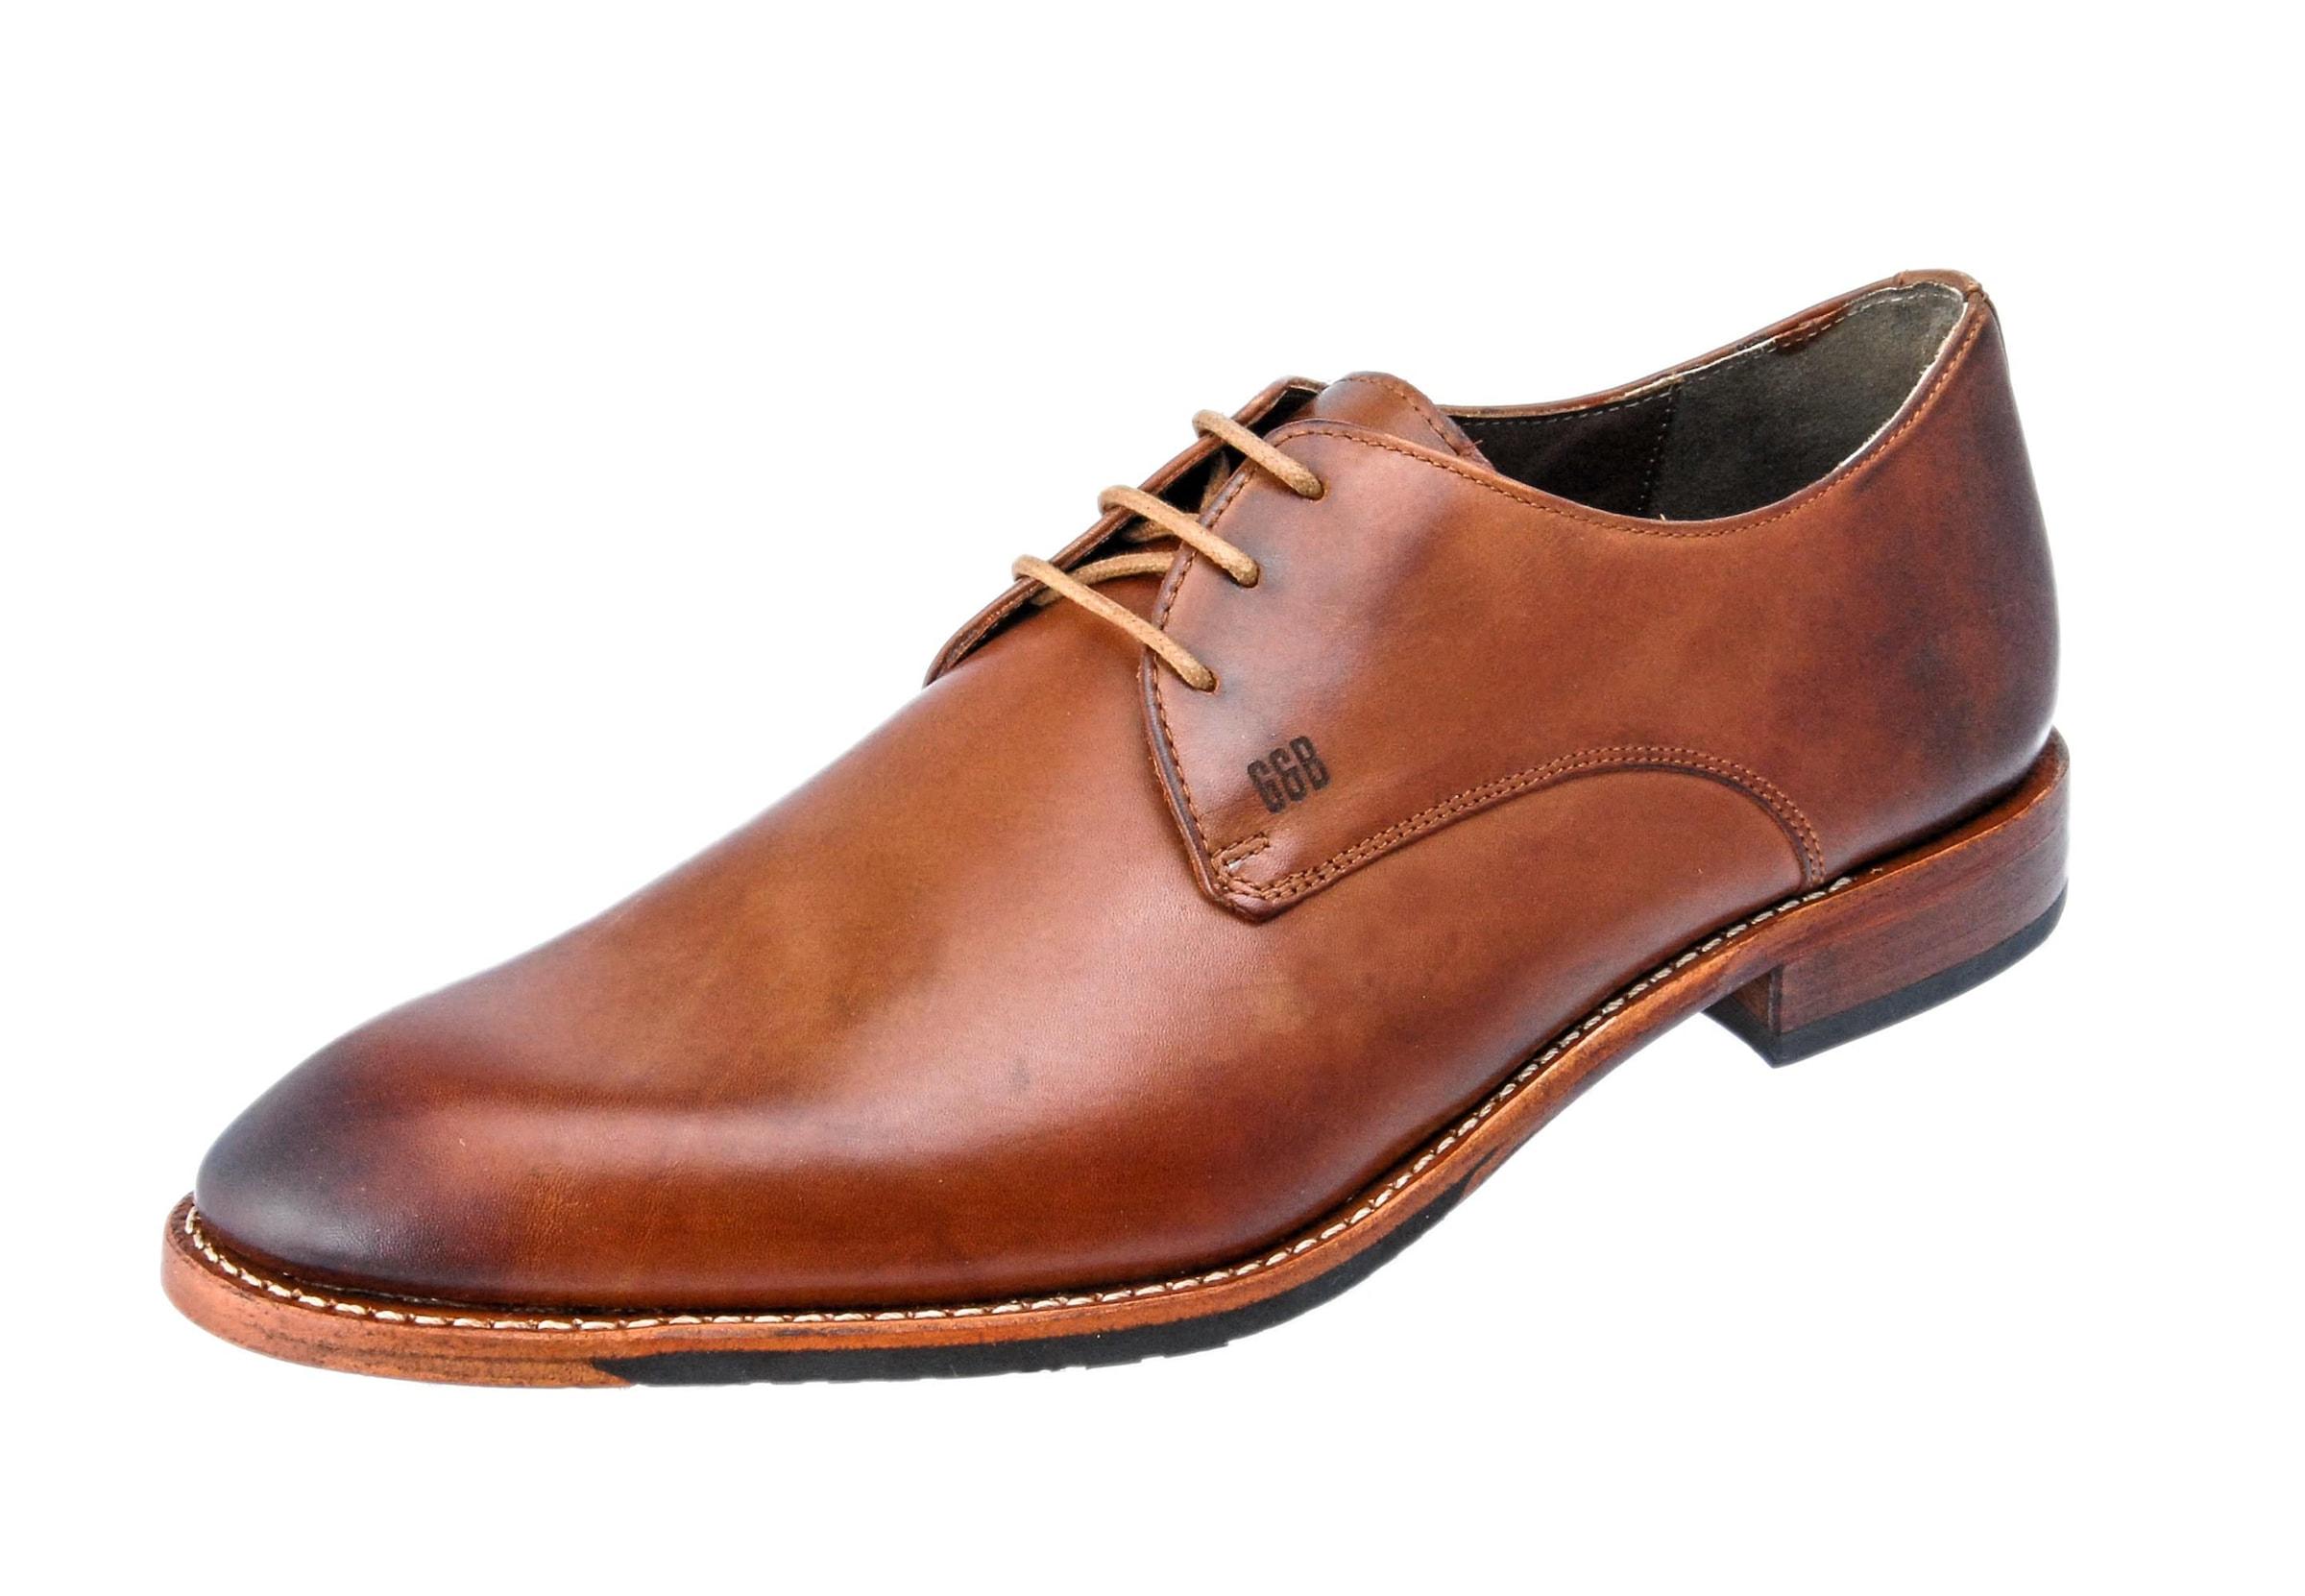 Gordon & Bros | Schnürschuh Schnürschuh Schnürschuh 'Mirco' Schuhe Gut getragene Schuhe fe0f44